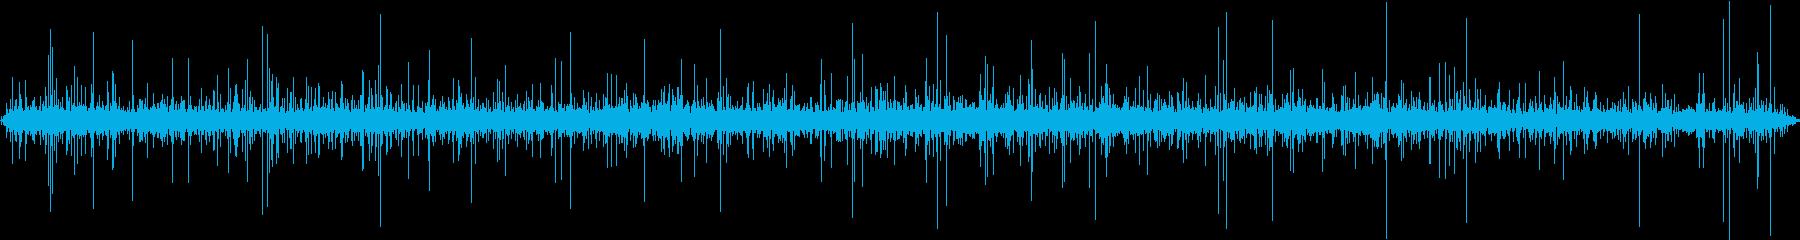 ダウン・スパウト:ダウン・スパウト...の再生済みの波形